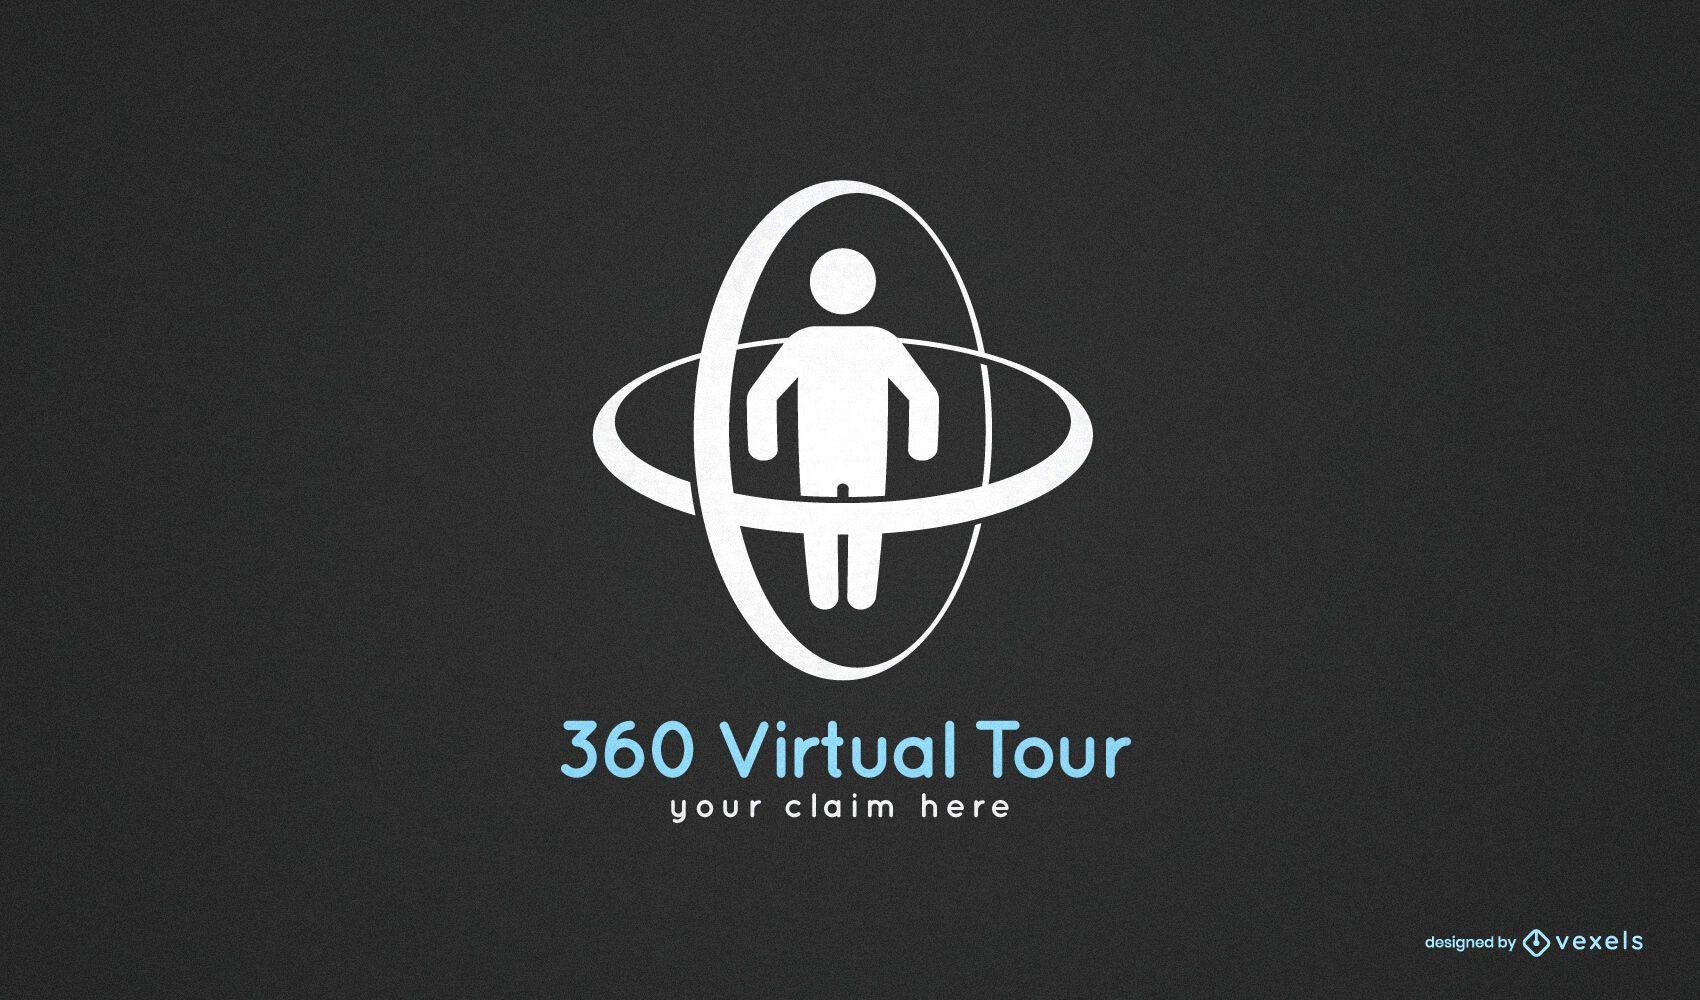 Modelo de logotipo de tour virtual 360